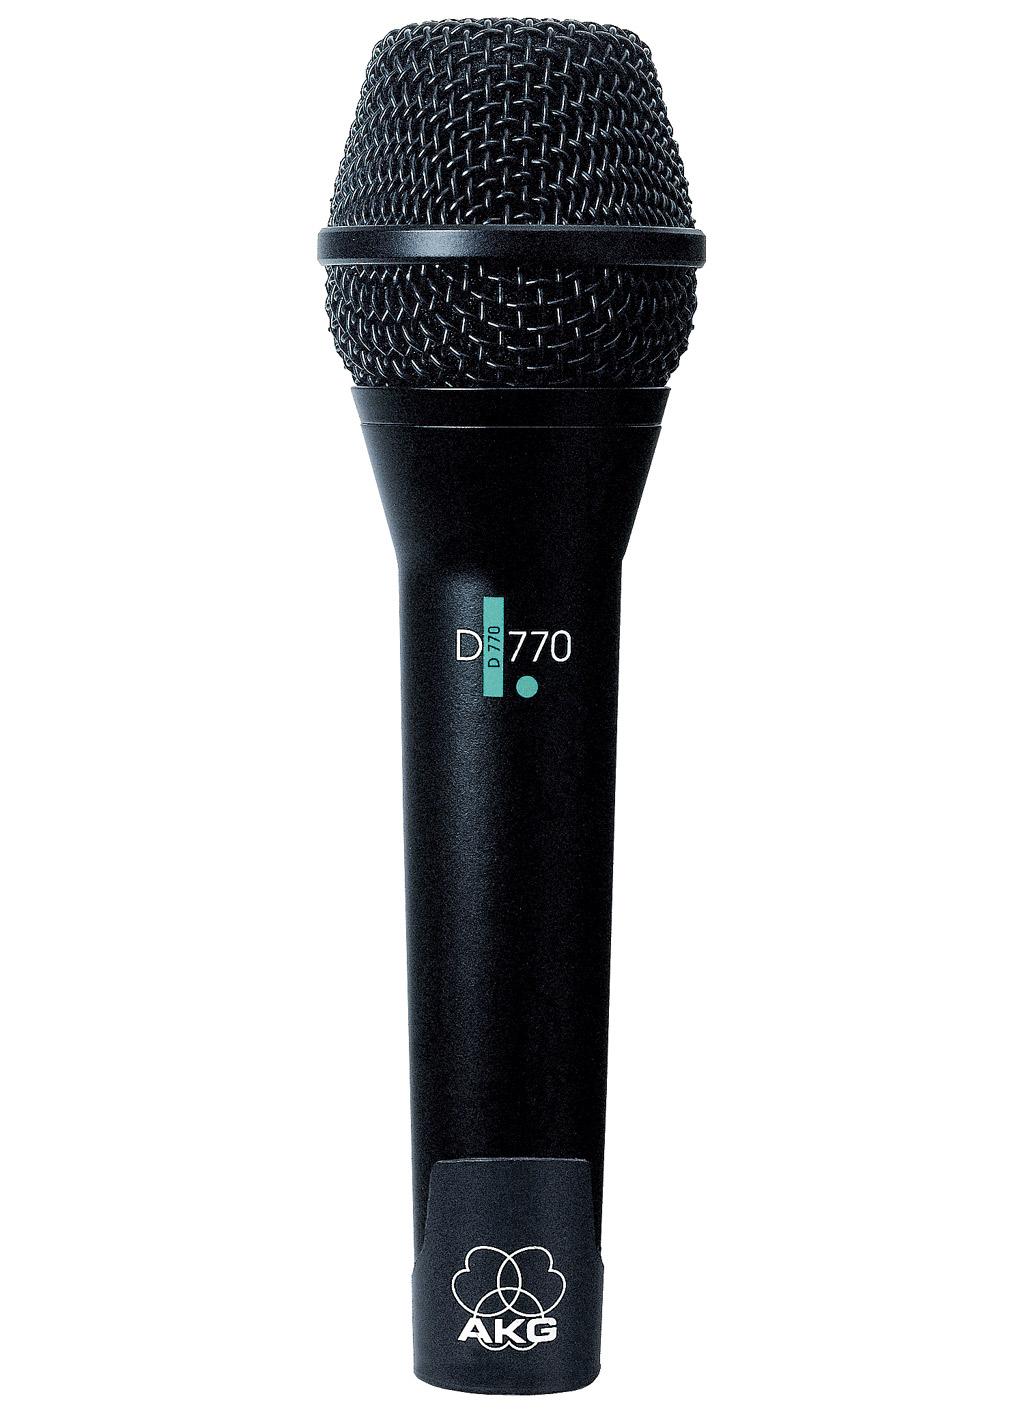 Powieksz do pelnego rozmiaru AKG D 7, D7, D-7, mikrofon ręczny, mikrofon przewodowy, mikrofon dynamiczny, mikrofon superkardioidalny, mikrofon kierunkowy, mikrofon wokalowy, mikrofon estradowy, mikrofon studyjny, mikrofon referencyjny